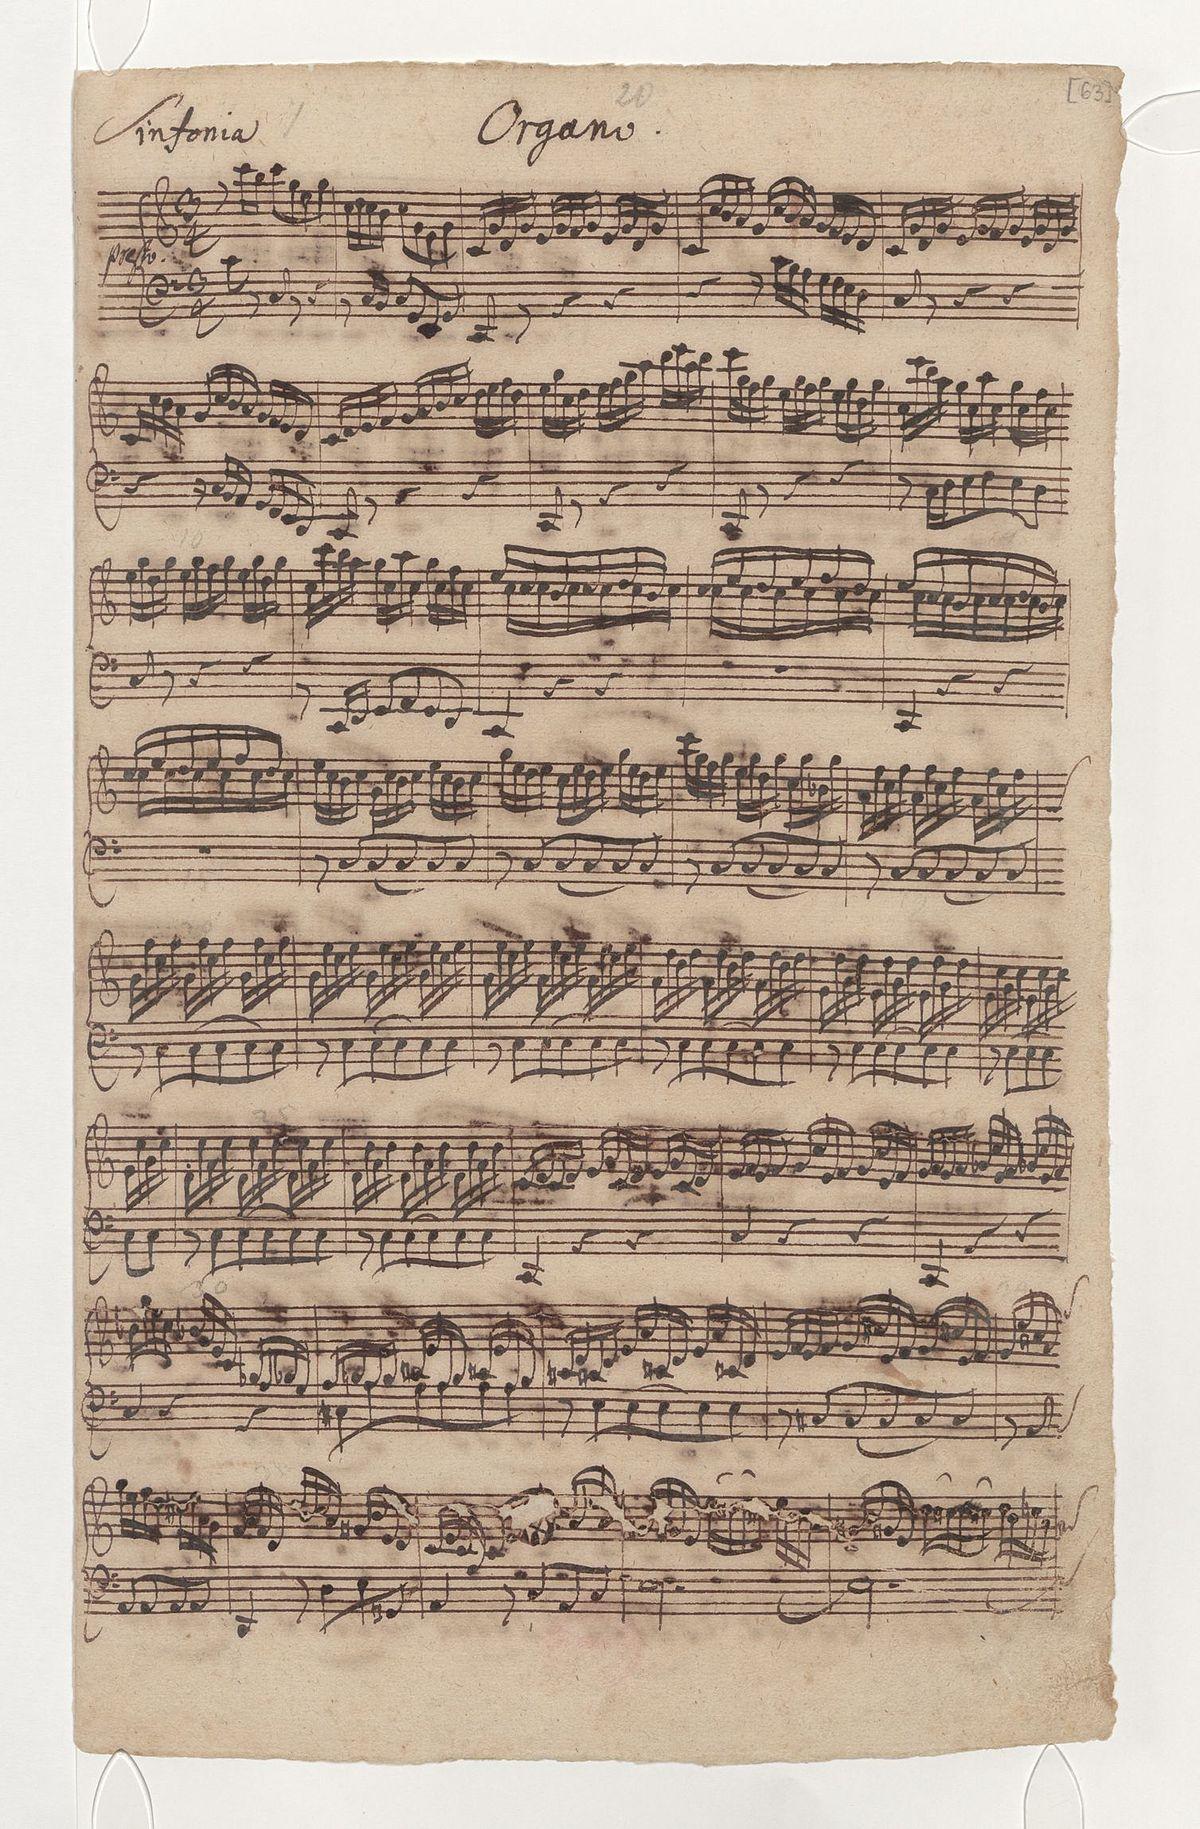 Wir danken dir, Gott, wir danken dir, BWV 29 - Wikipedia